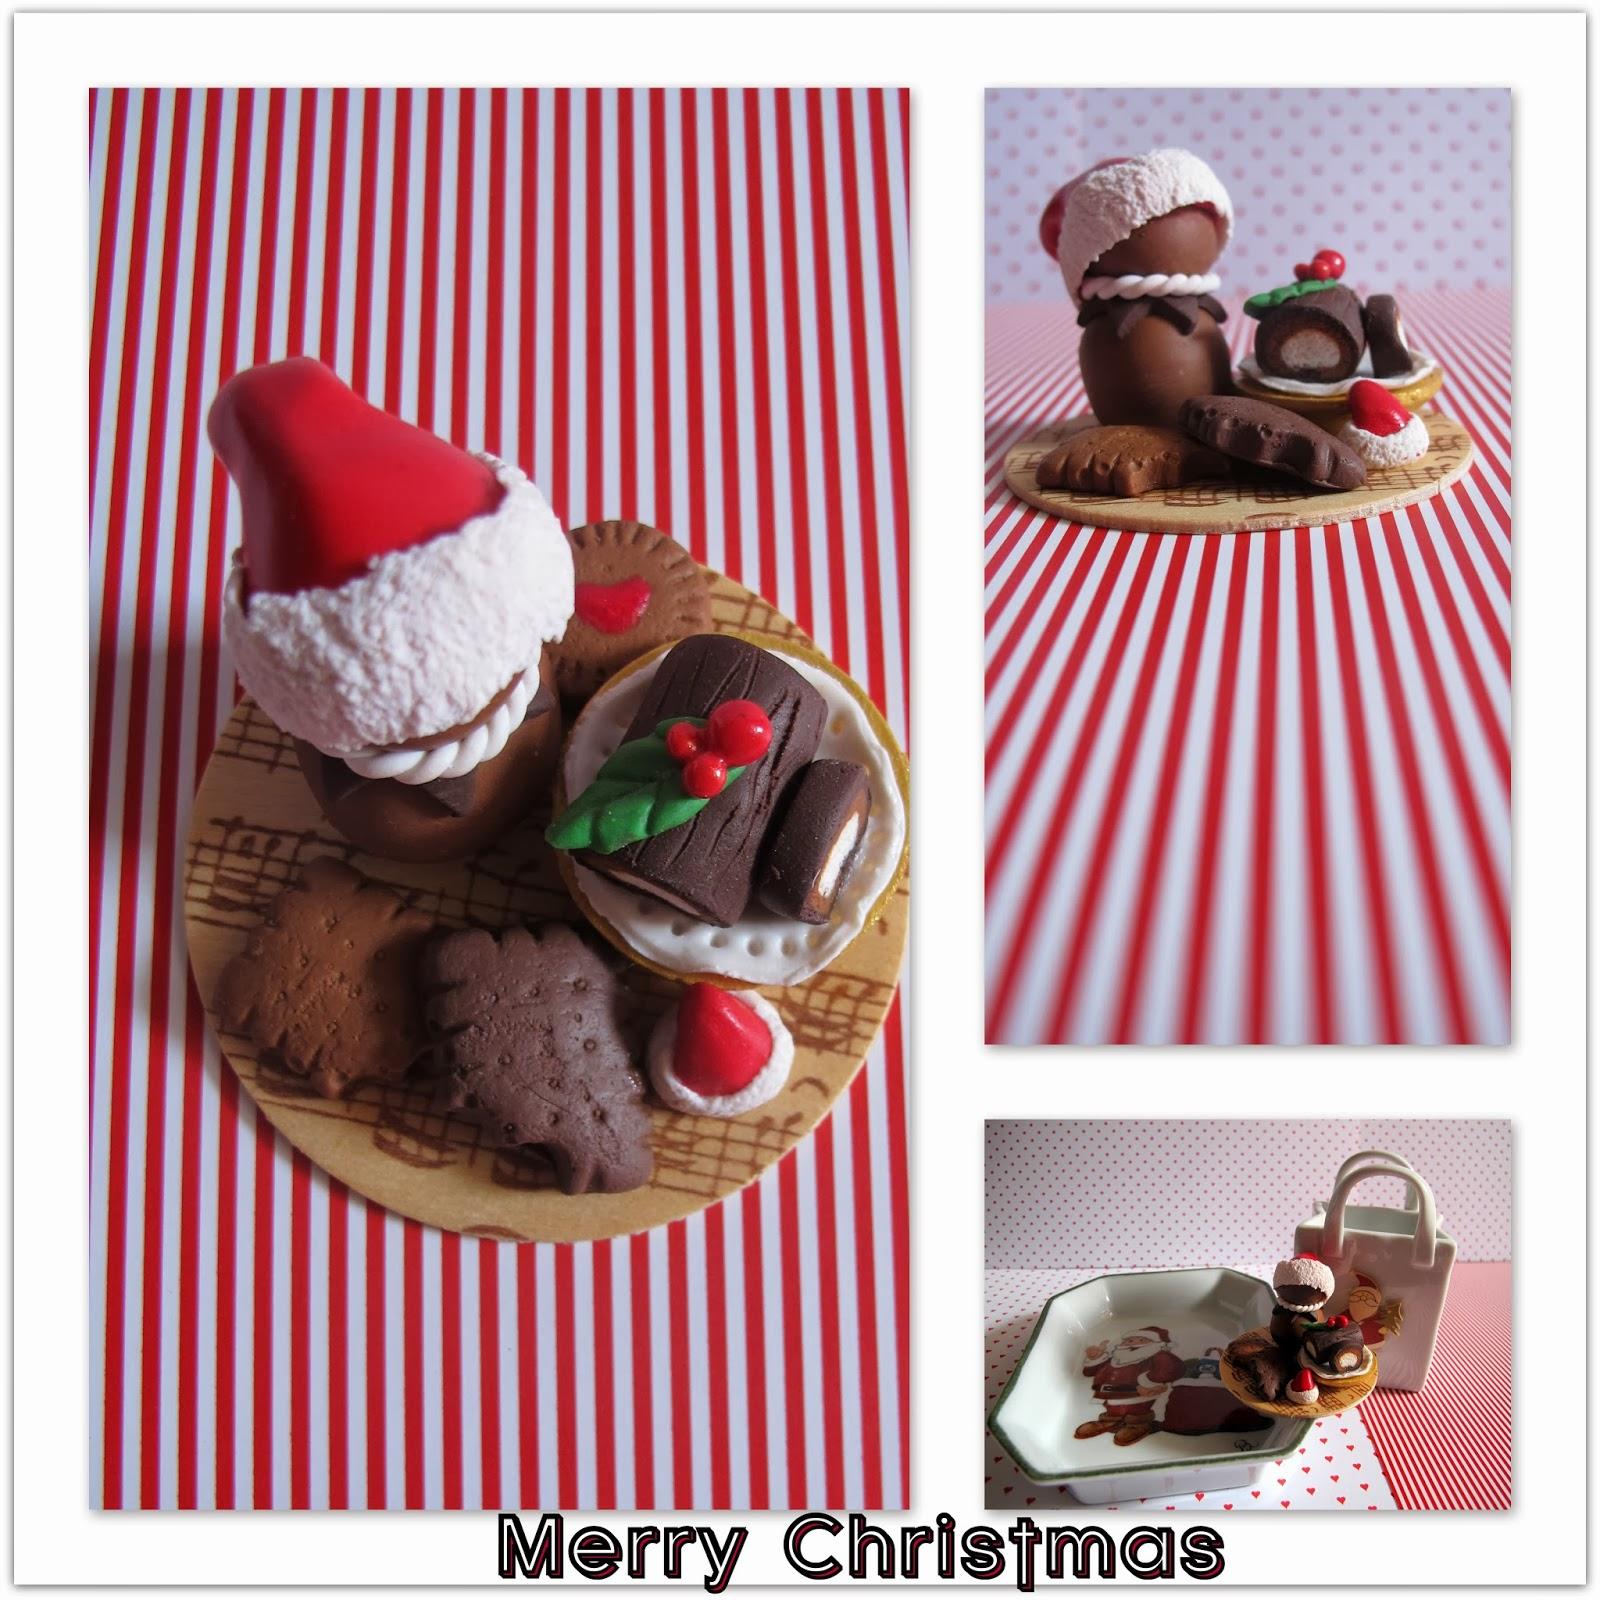 #AC1F2A MA PETITE PLANETE: Pâte Fimo : Décor De Table De Noël 6181 decoration de table de noel en pate fimo 1600x1600 px @ aertt.com